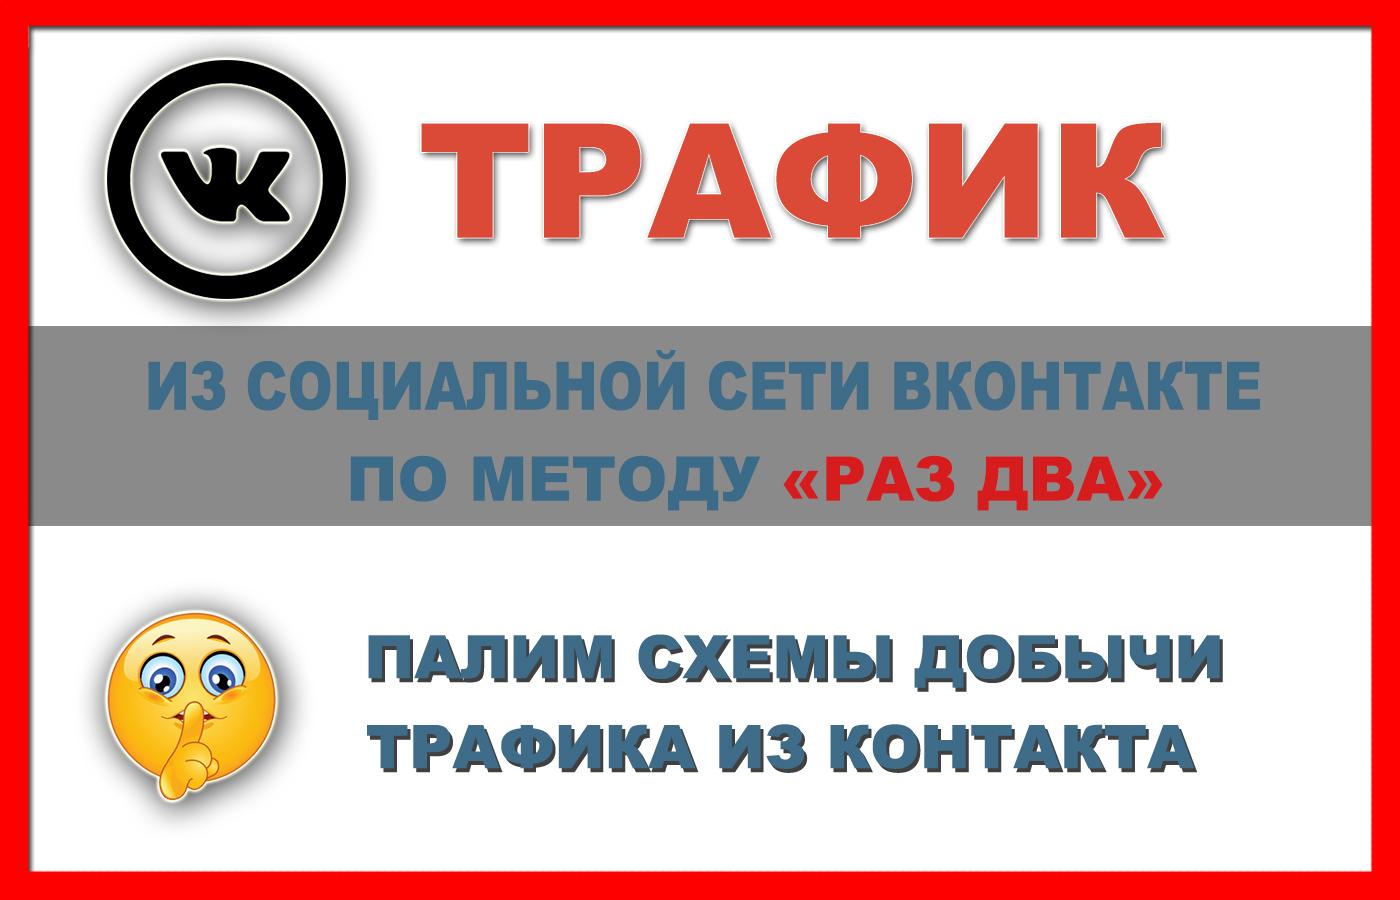 https://glopart.ru/uploads/images/221102/dc99bfbf184a401f8a6c7d0c2848740c.jpg